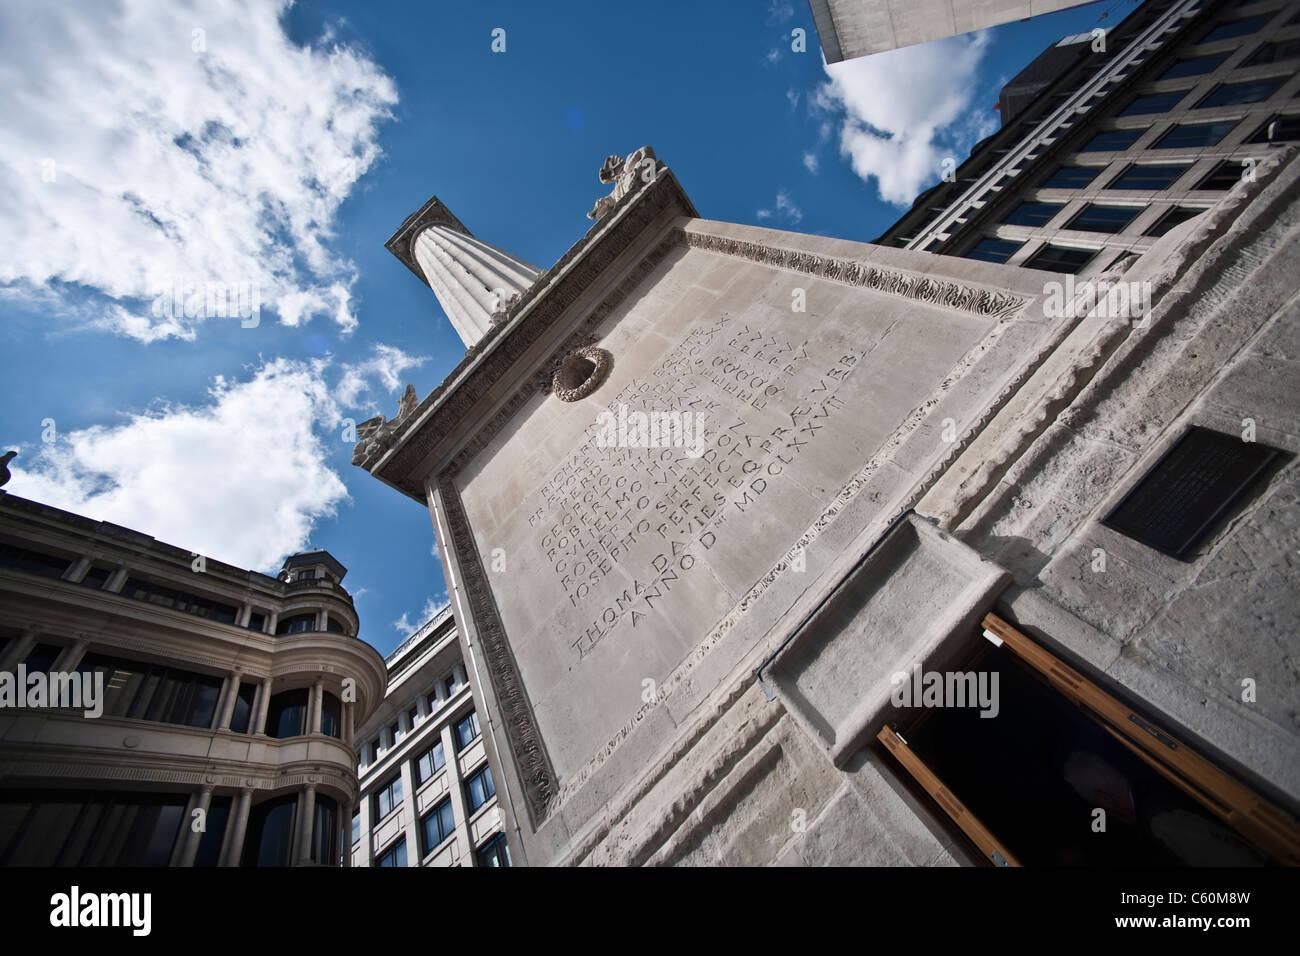 Denkmal auf der Stadtstraße gegen blauen Himmel Stockbild